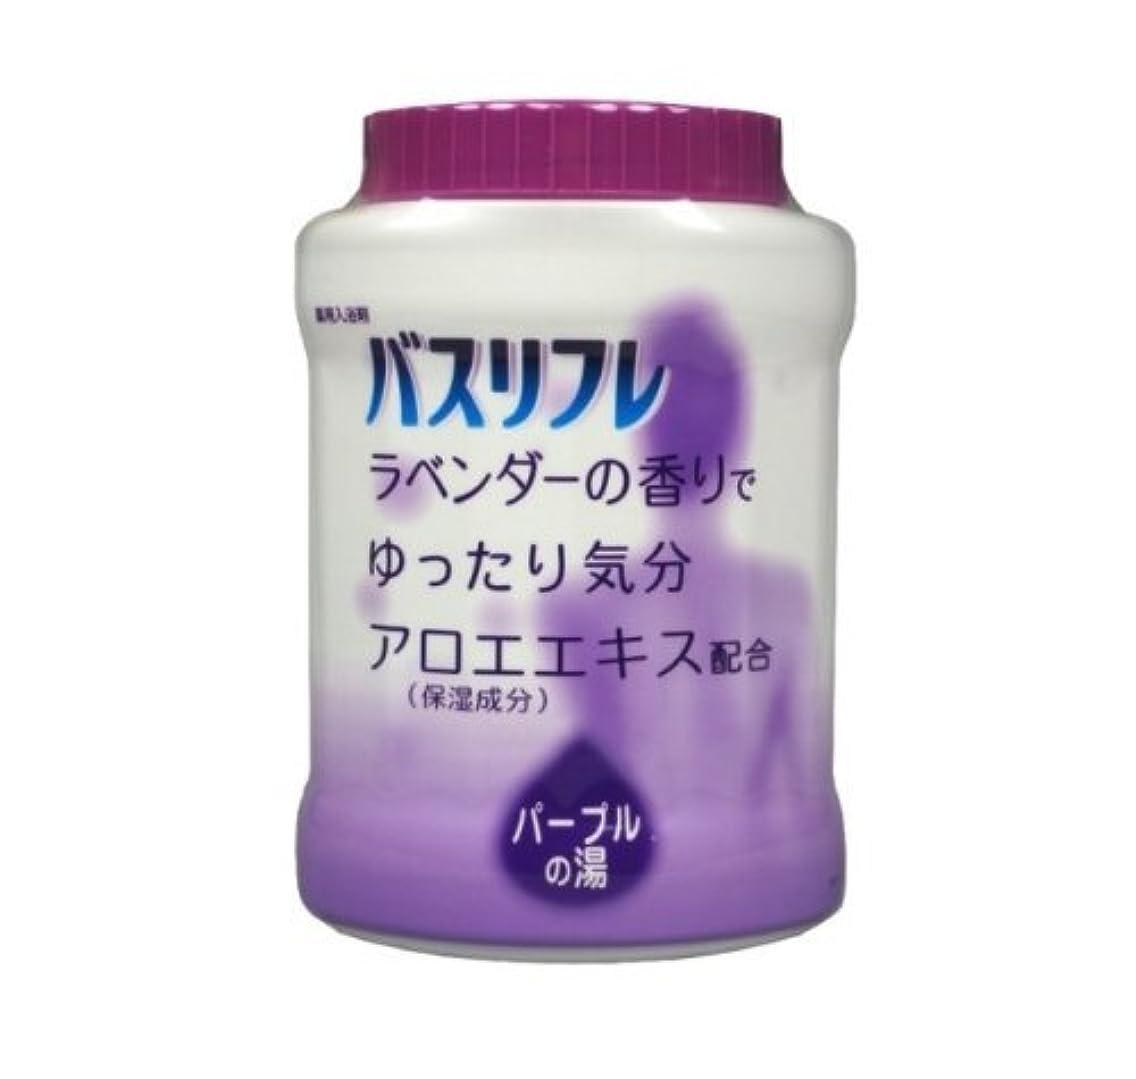 祝う期限工場バスリフレ 薬用入浴剤 ラベンダーの香り 680G Japan